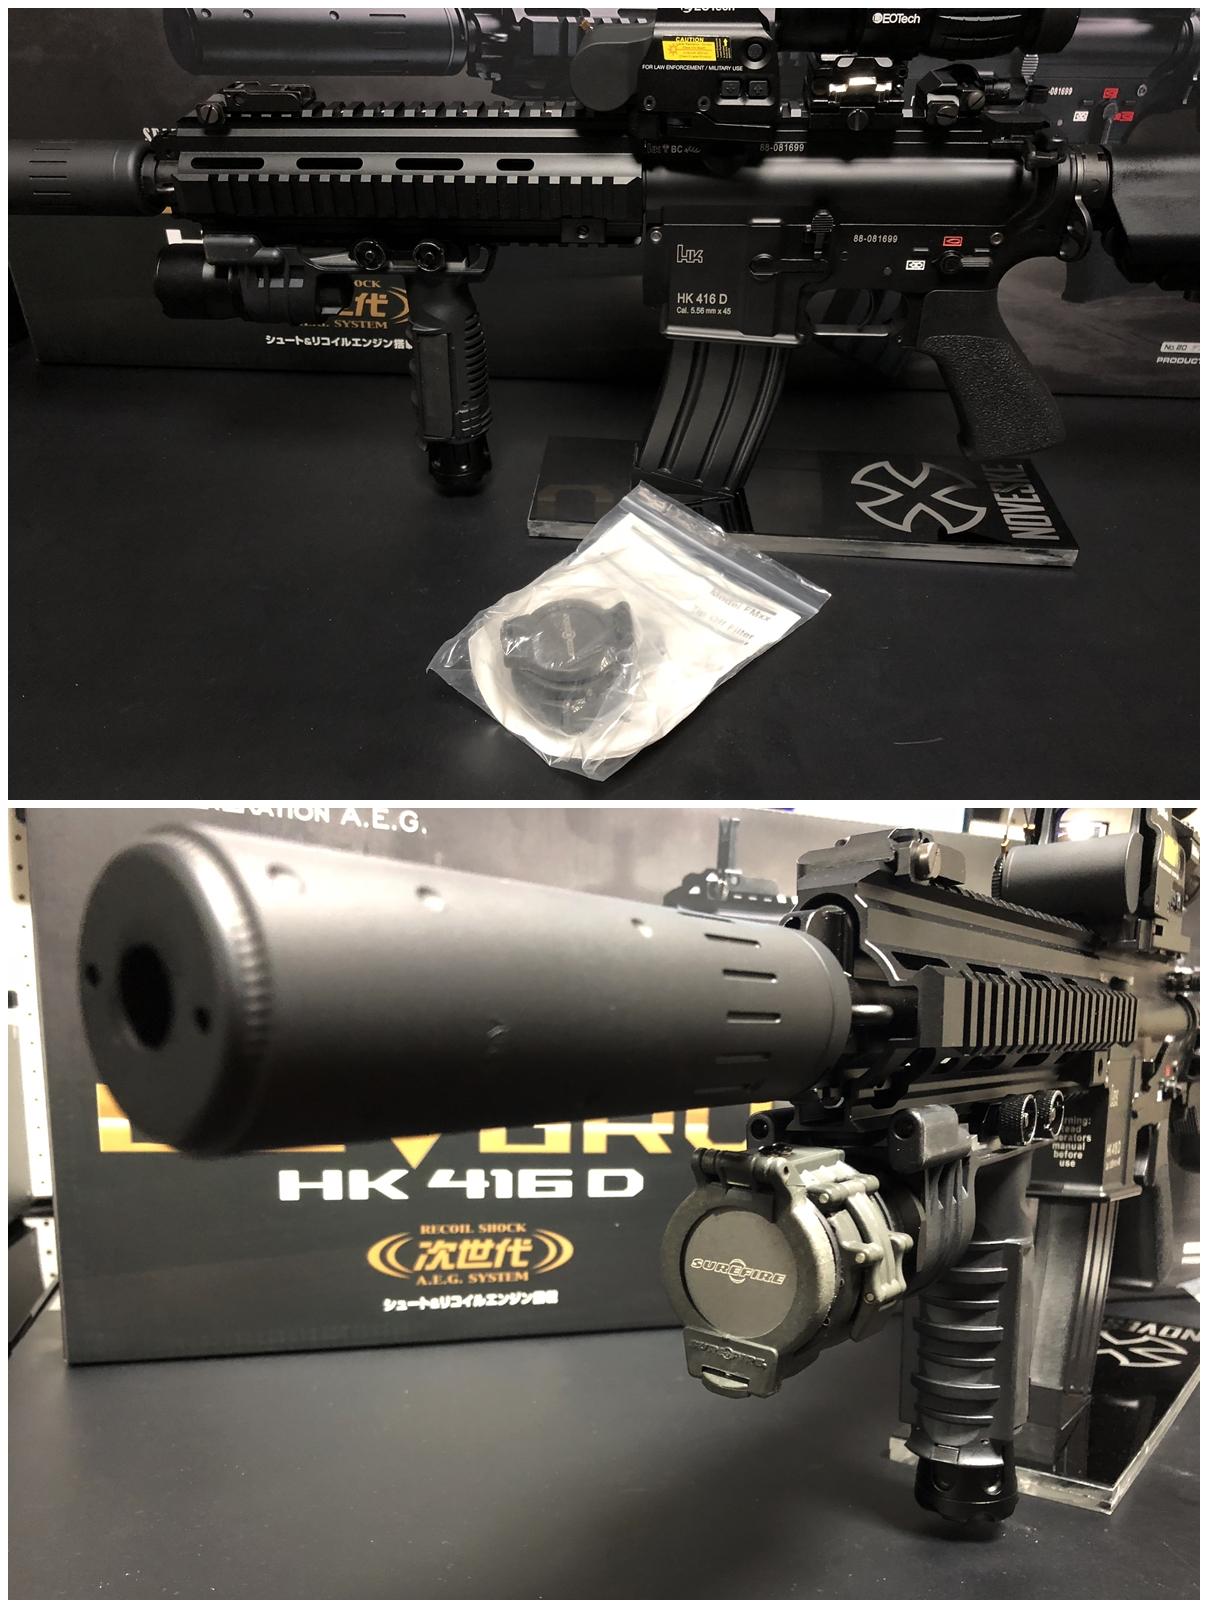 26 東京マルイ 次世代電動ガン HK416D DEVGRU デブグル アメリカ海軍特殊部隊 DEVGRU Seal Team6 新品 箱出し カスタム お勧めパーツ 取付 レビュー